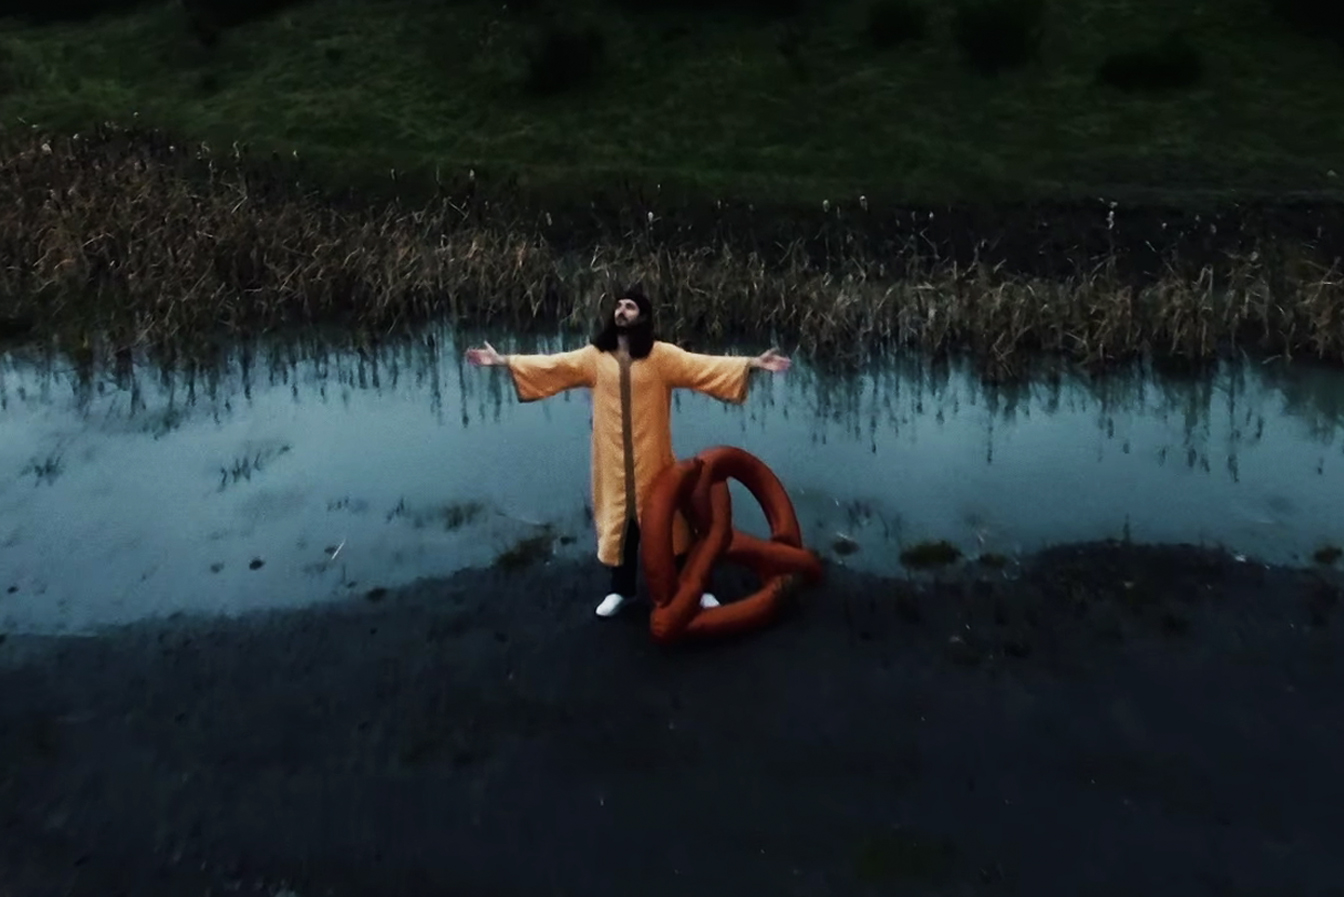 Professionelle Luftaufnahmen aus Essen für Musikvideo von Frittenbude